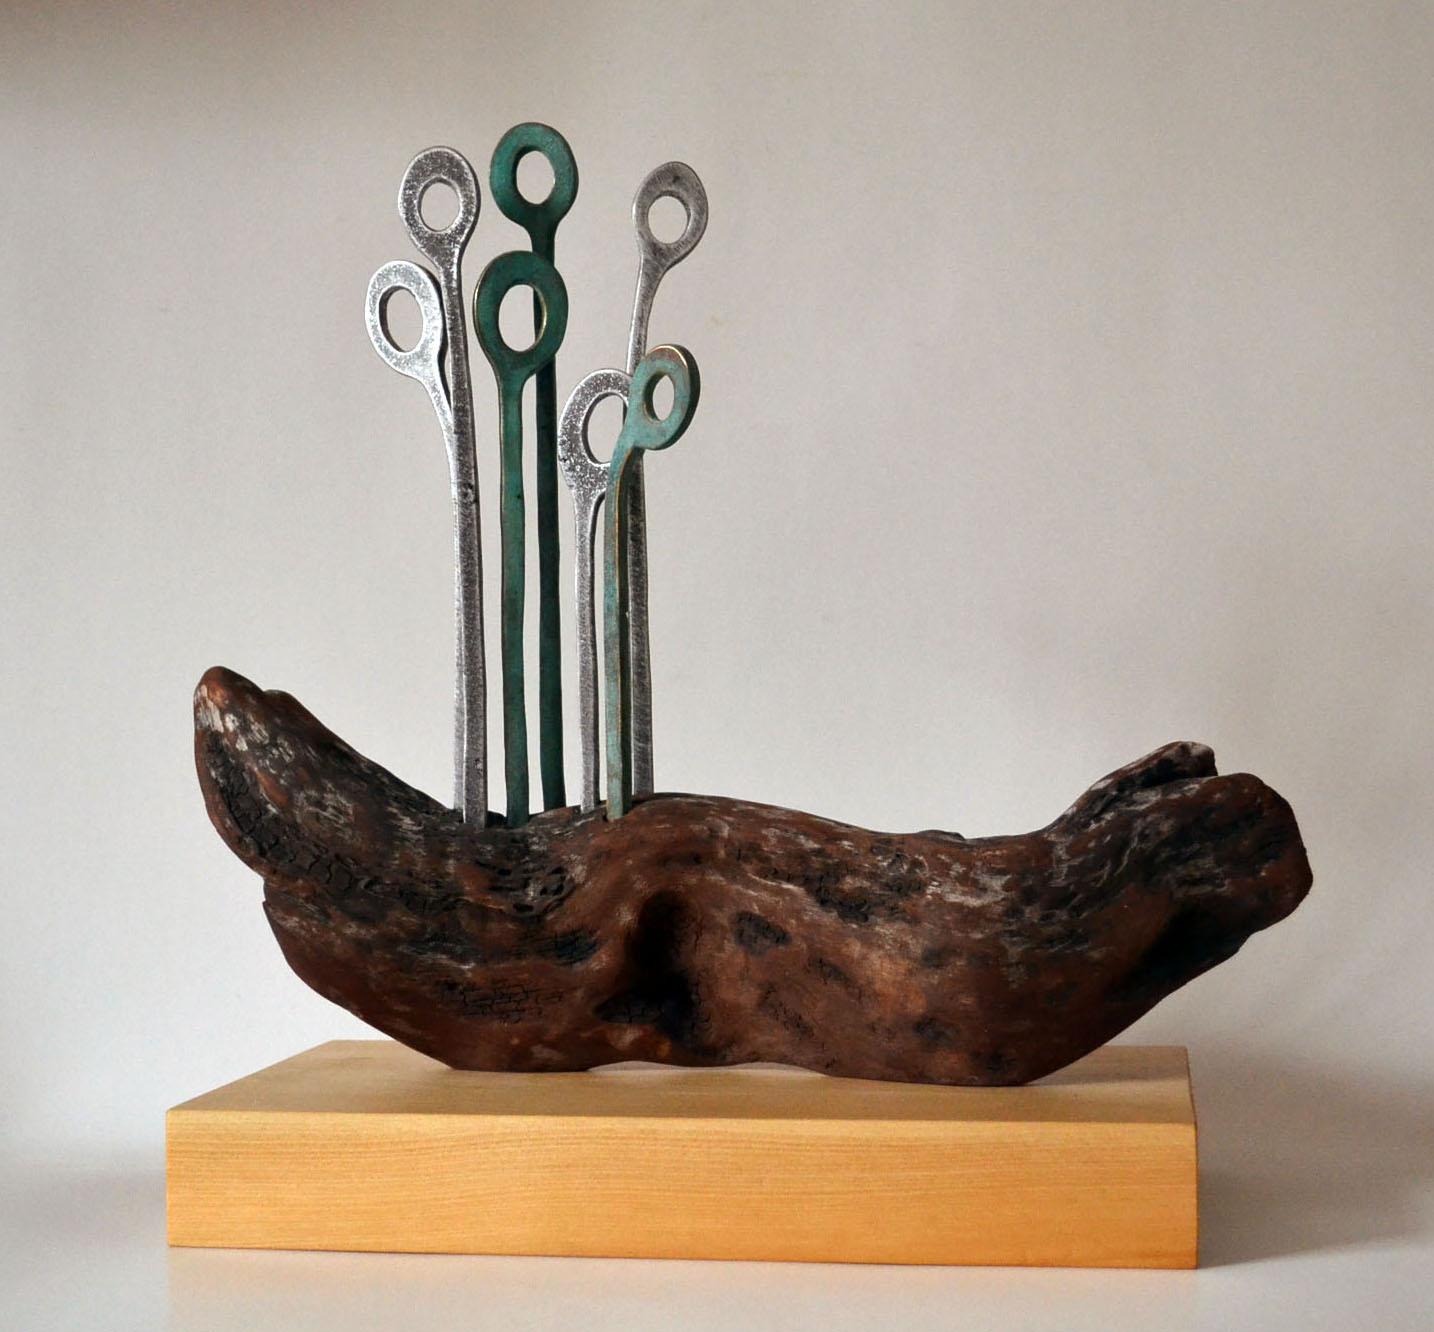 Esculturas en madera abstractas related keywords - Esculturas de madera abstractas ...